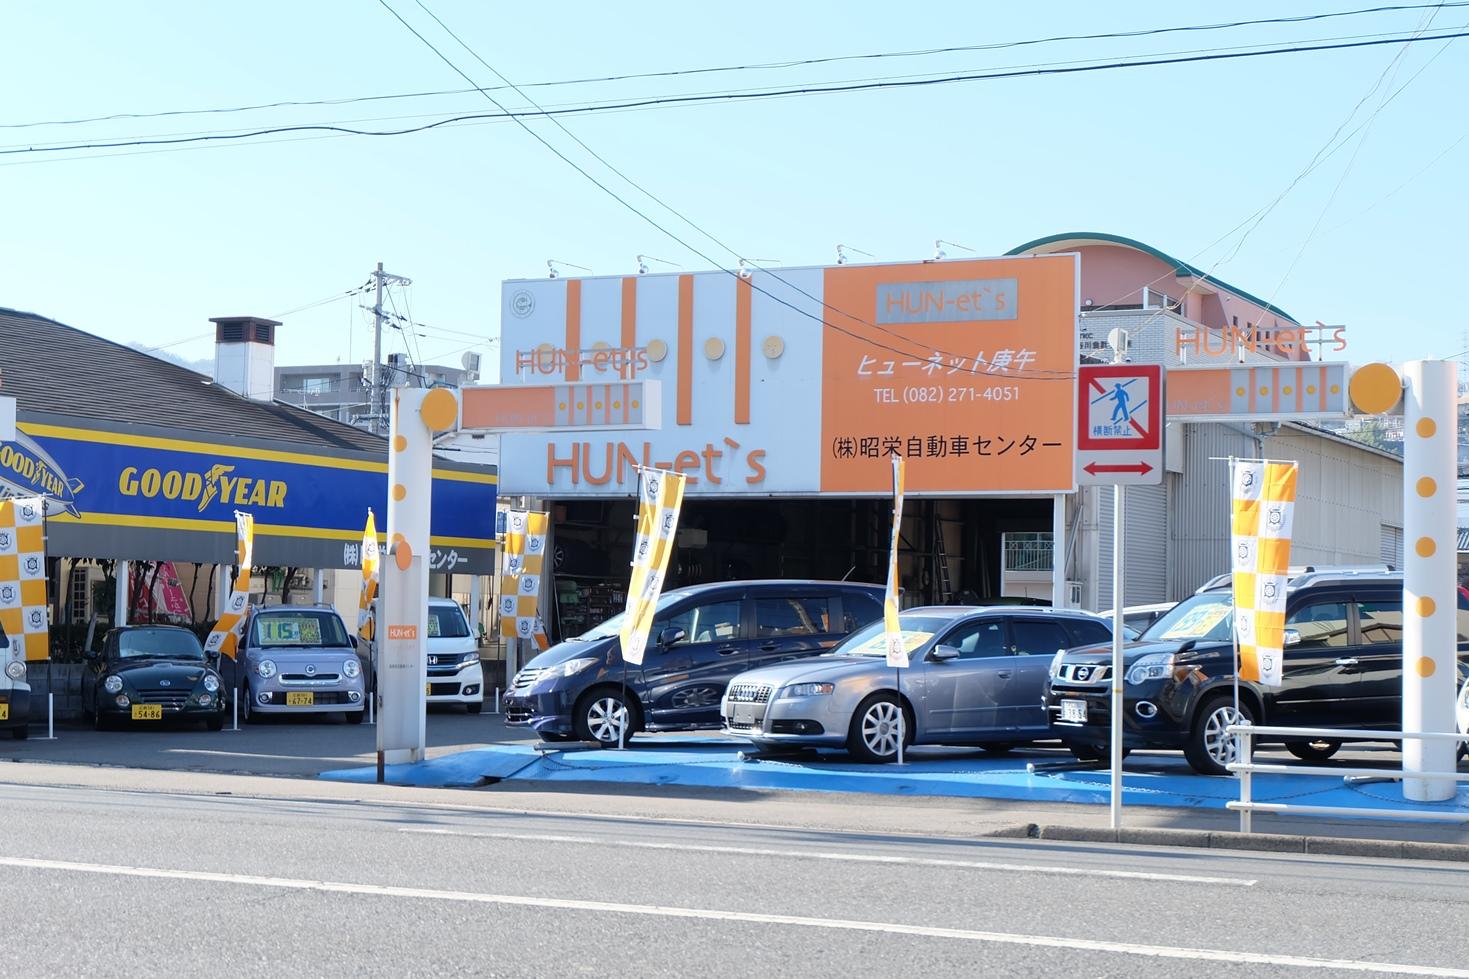 ヒューネット庚午 株式会社 昭栄自動車センター